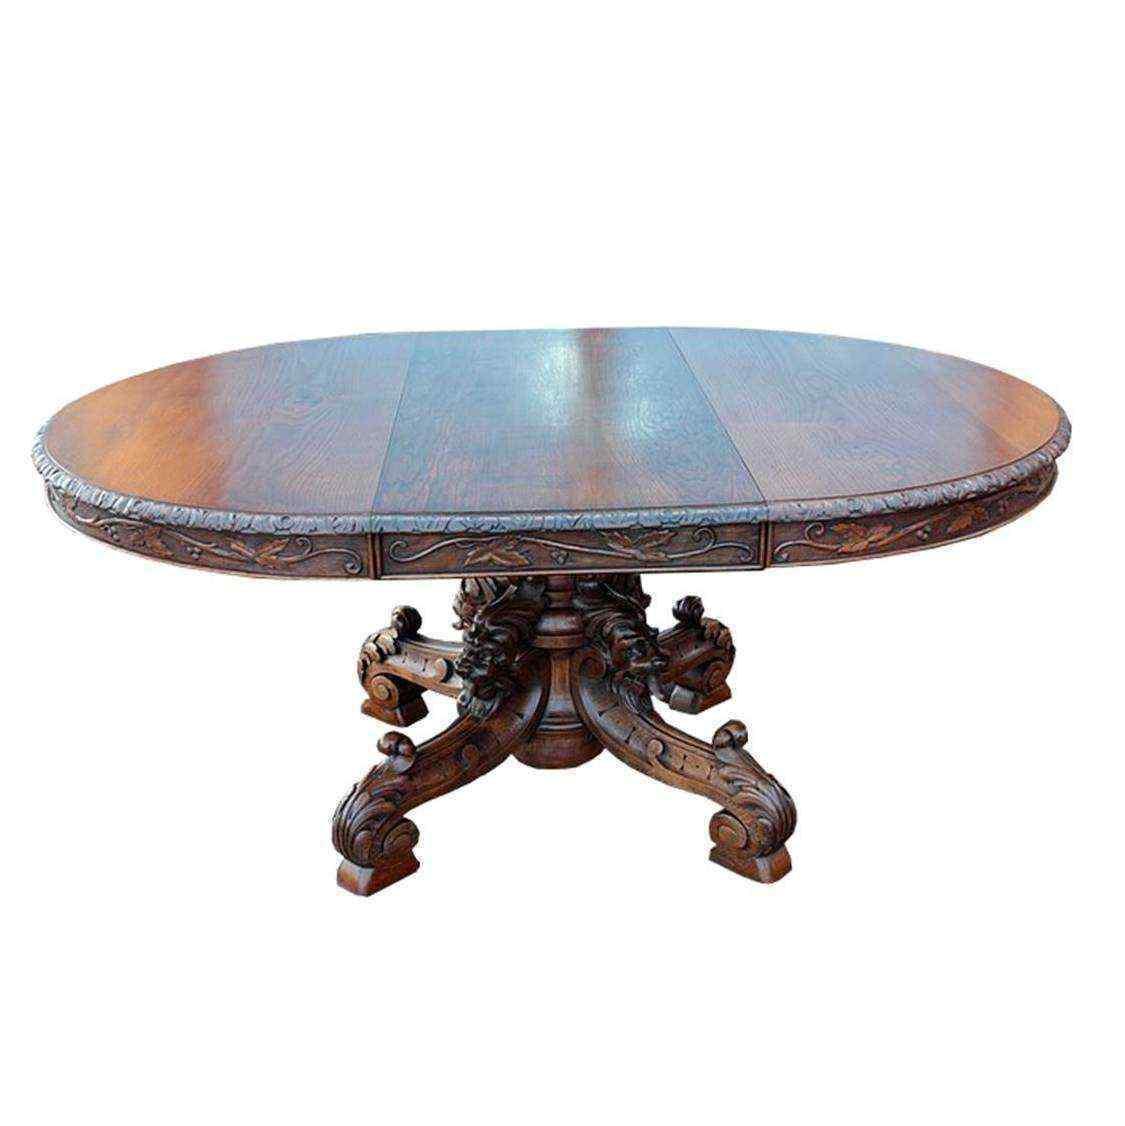 Tavolo estendibile in quercia, Francia, XX secolo